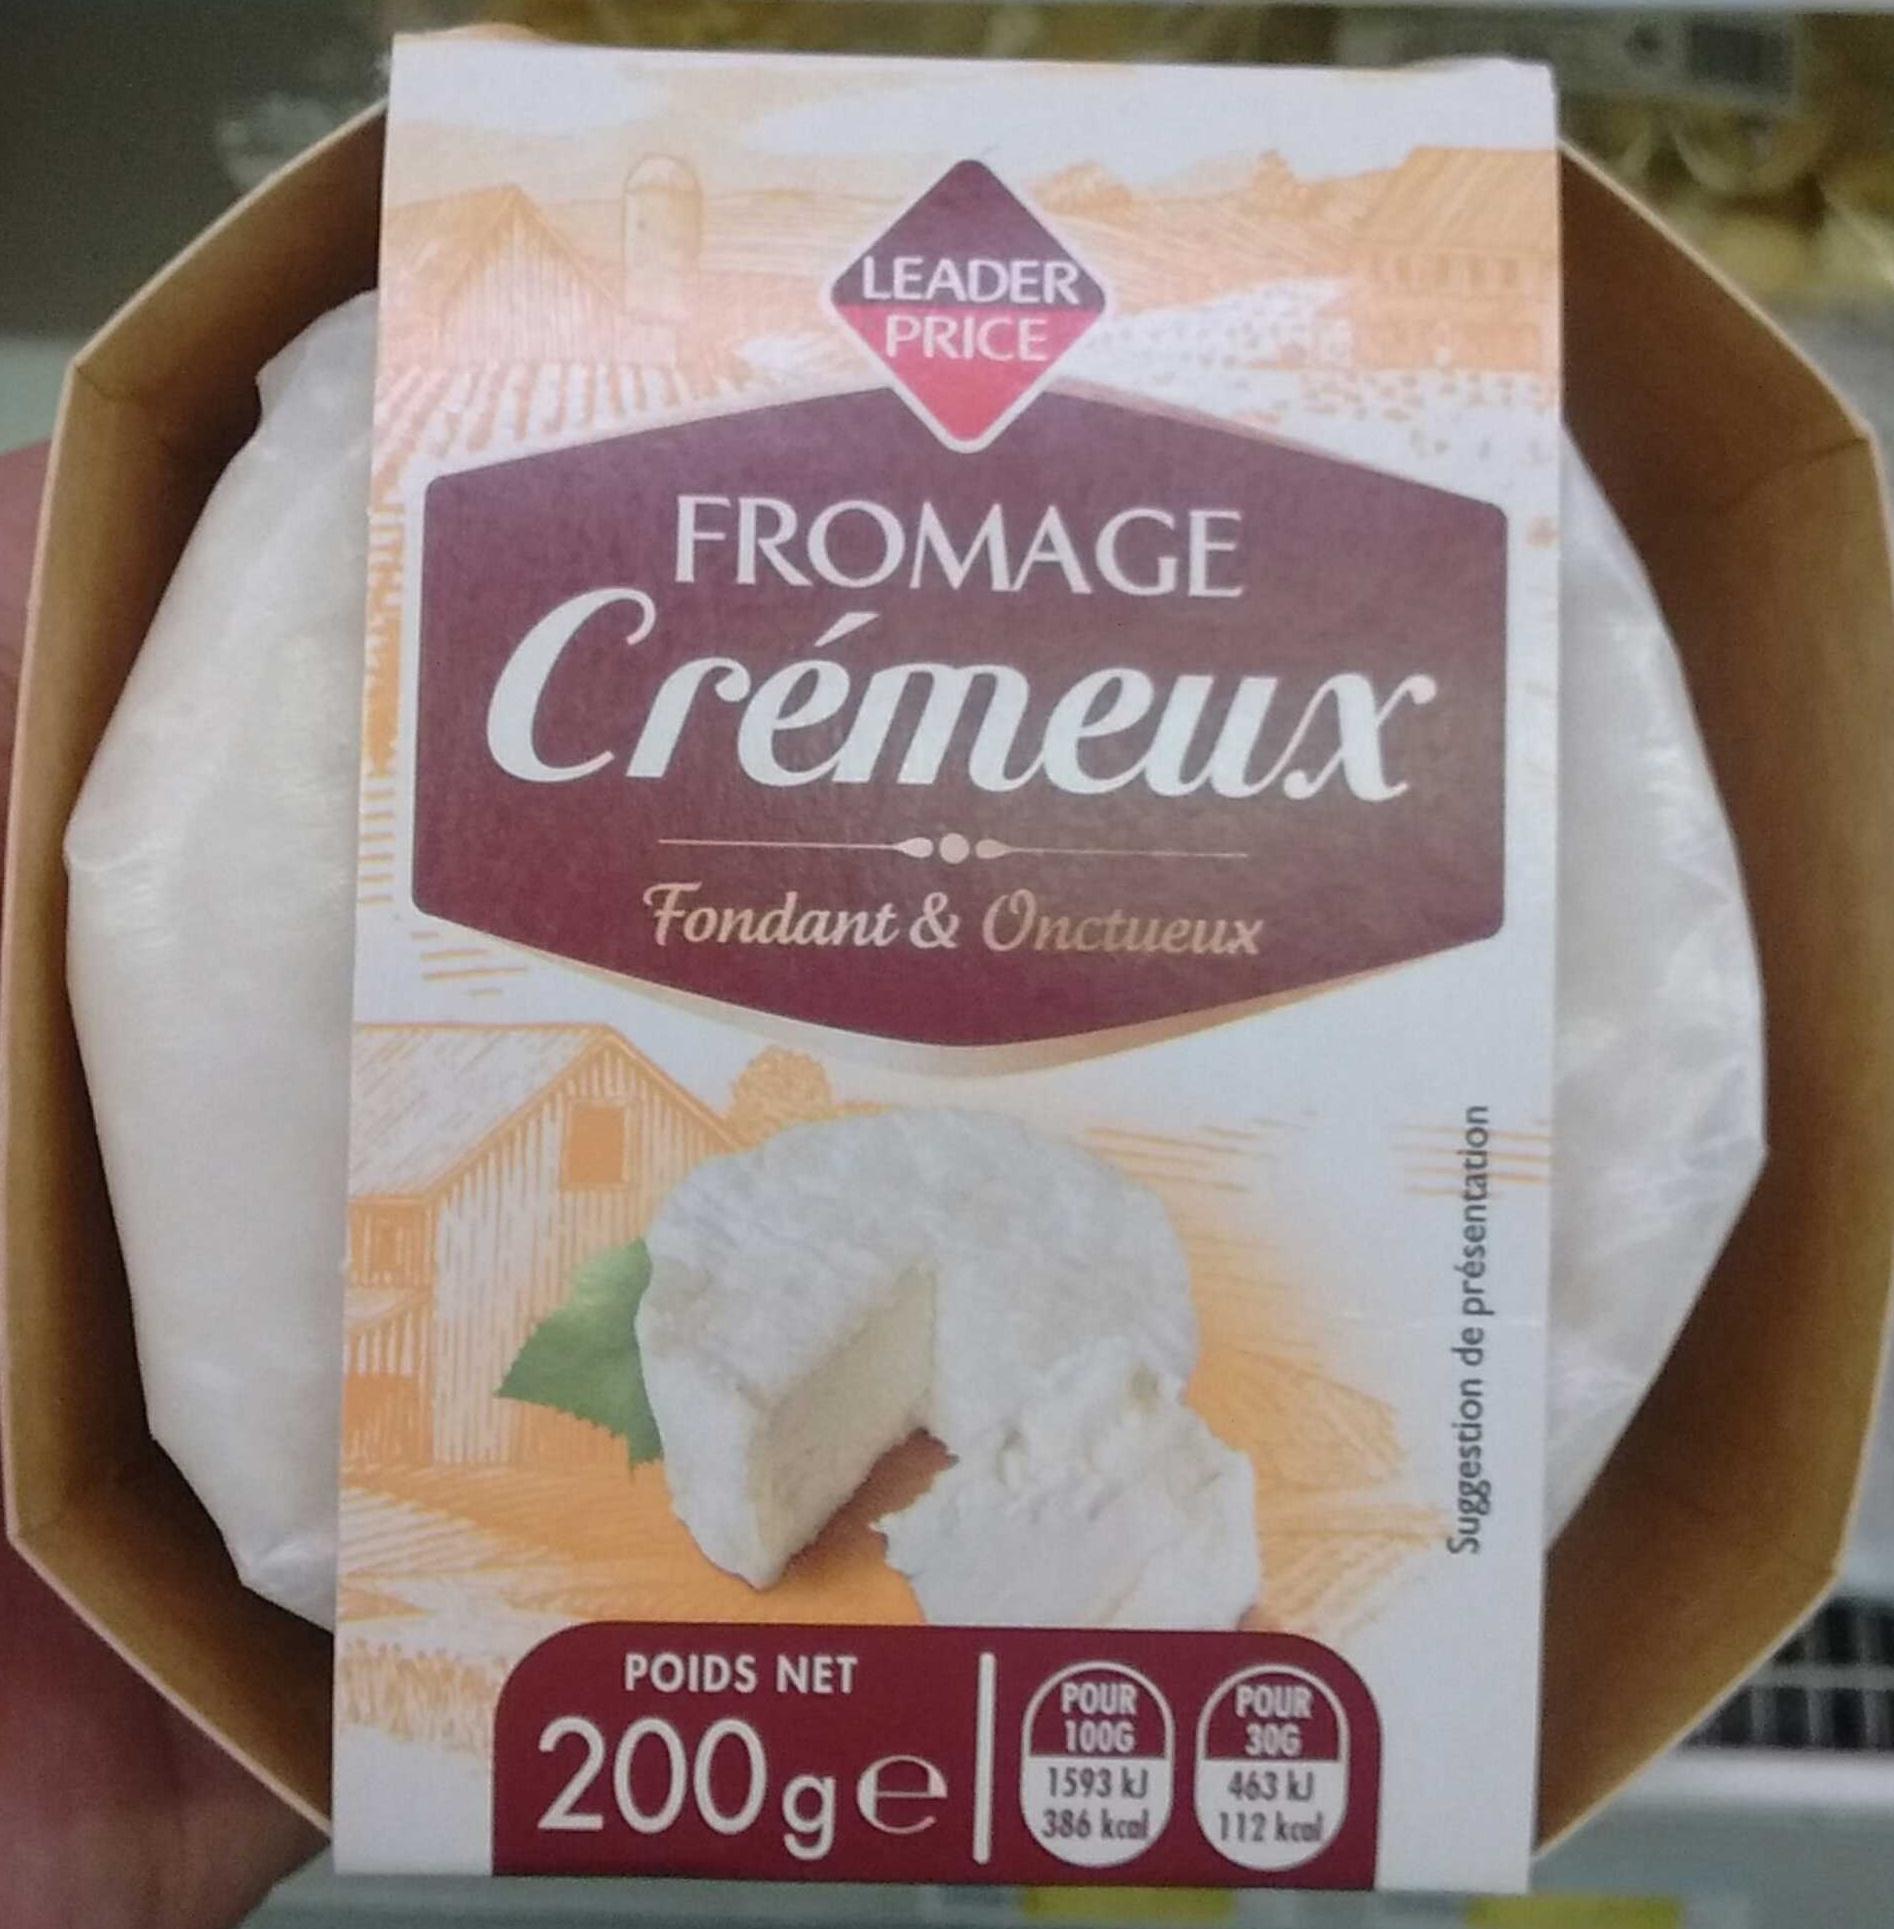 Fromage cr meux 38 mg leader price 200 g - Quantite de fromage par personne ...